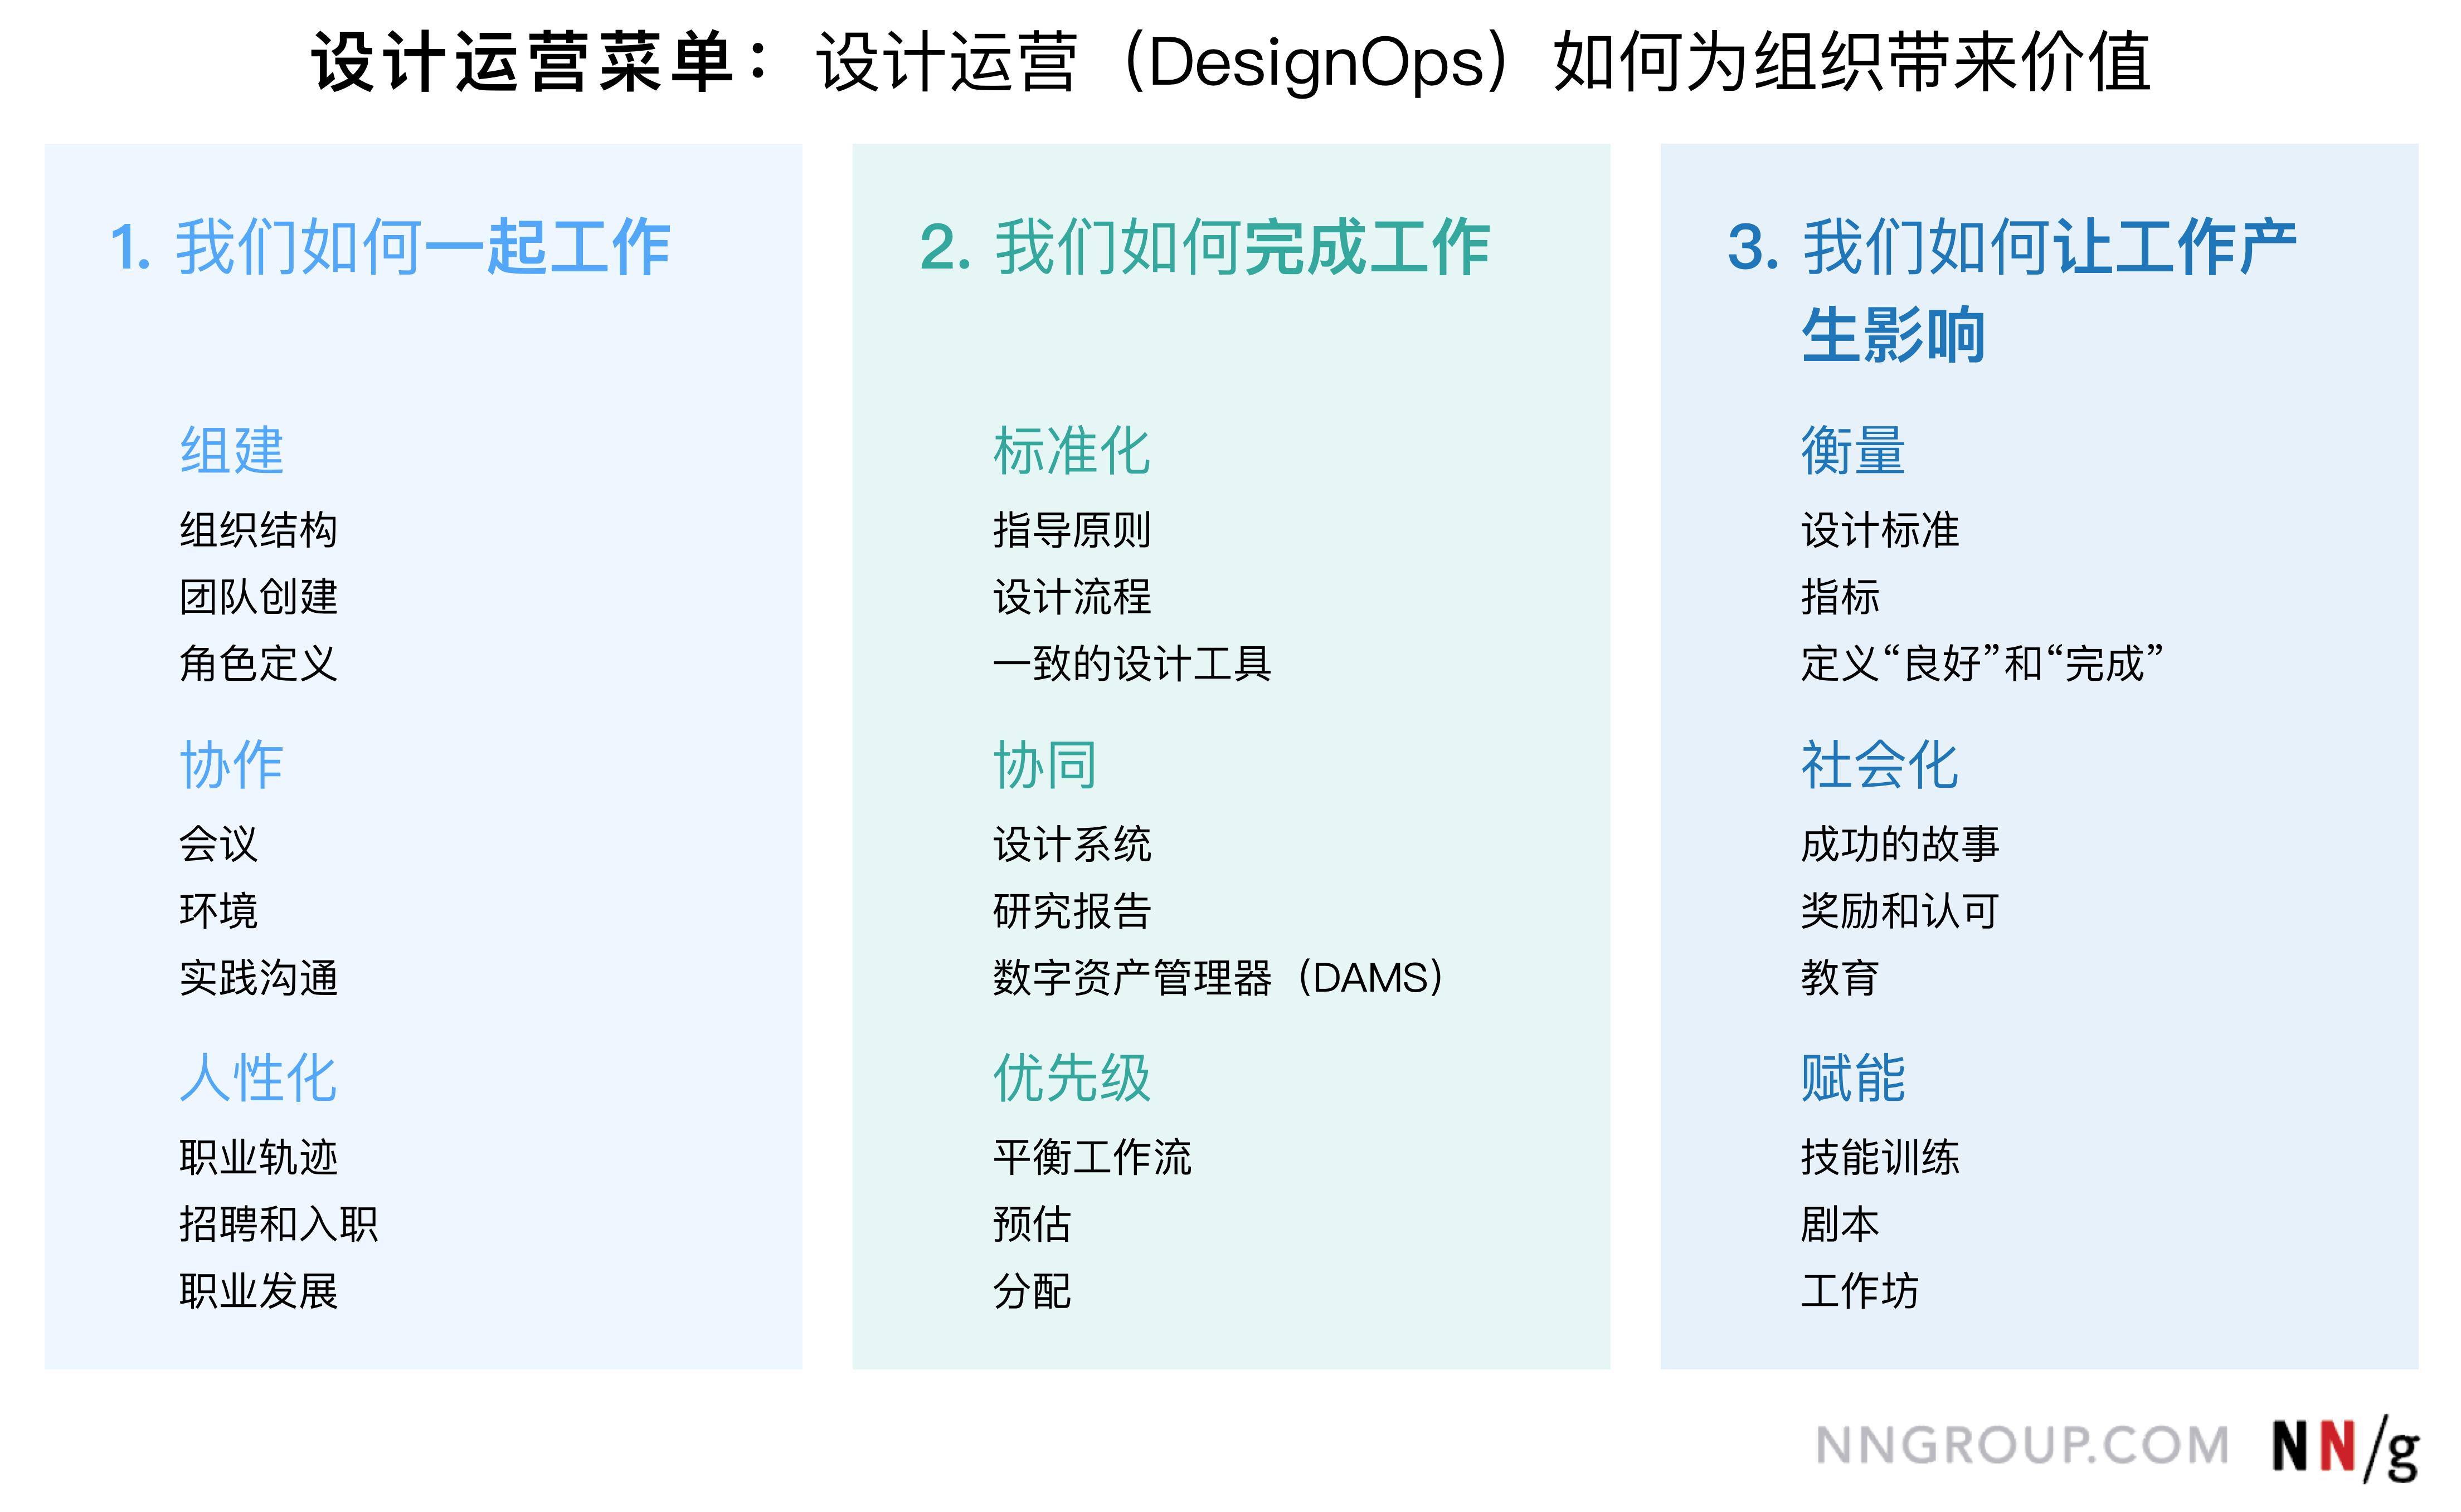 DesignOpsMenu@2x